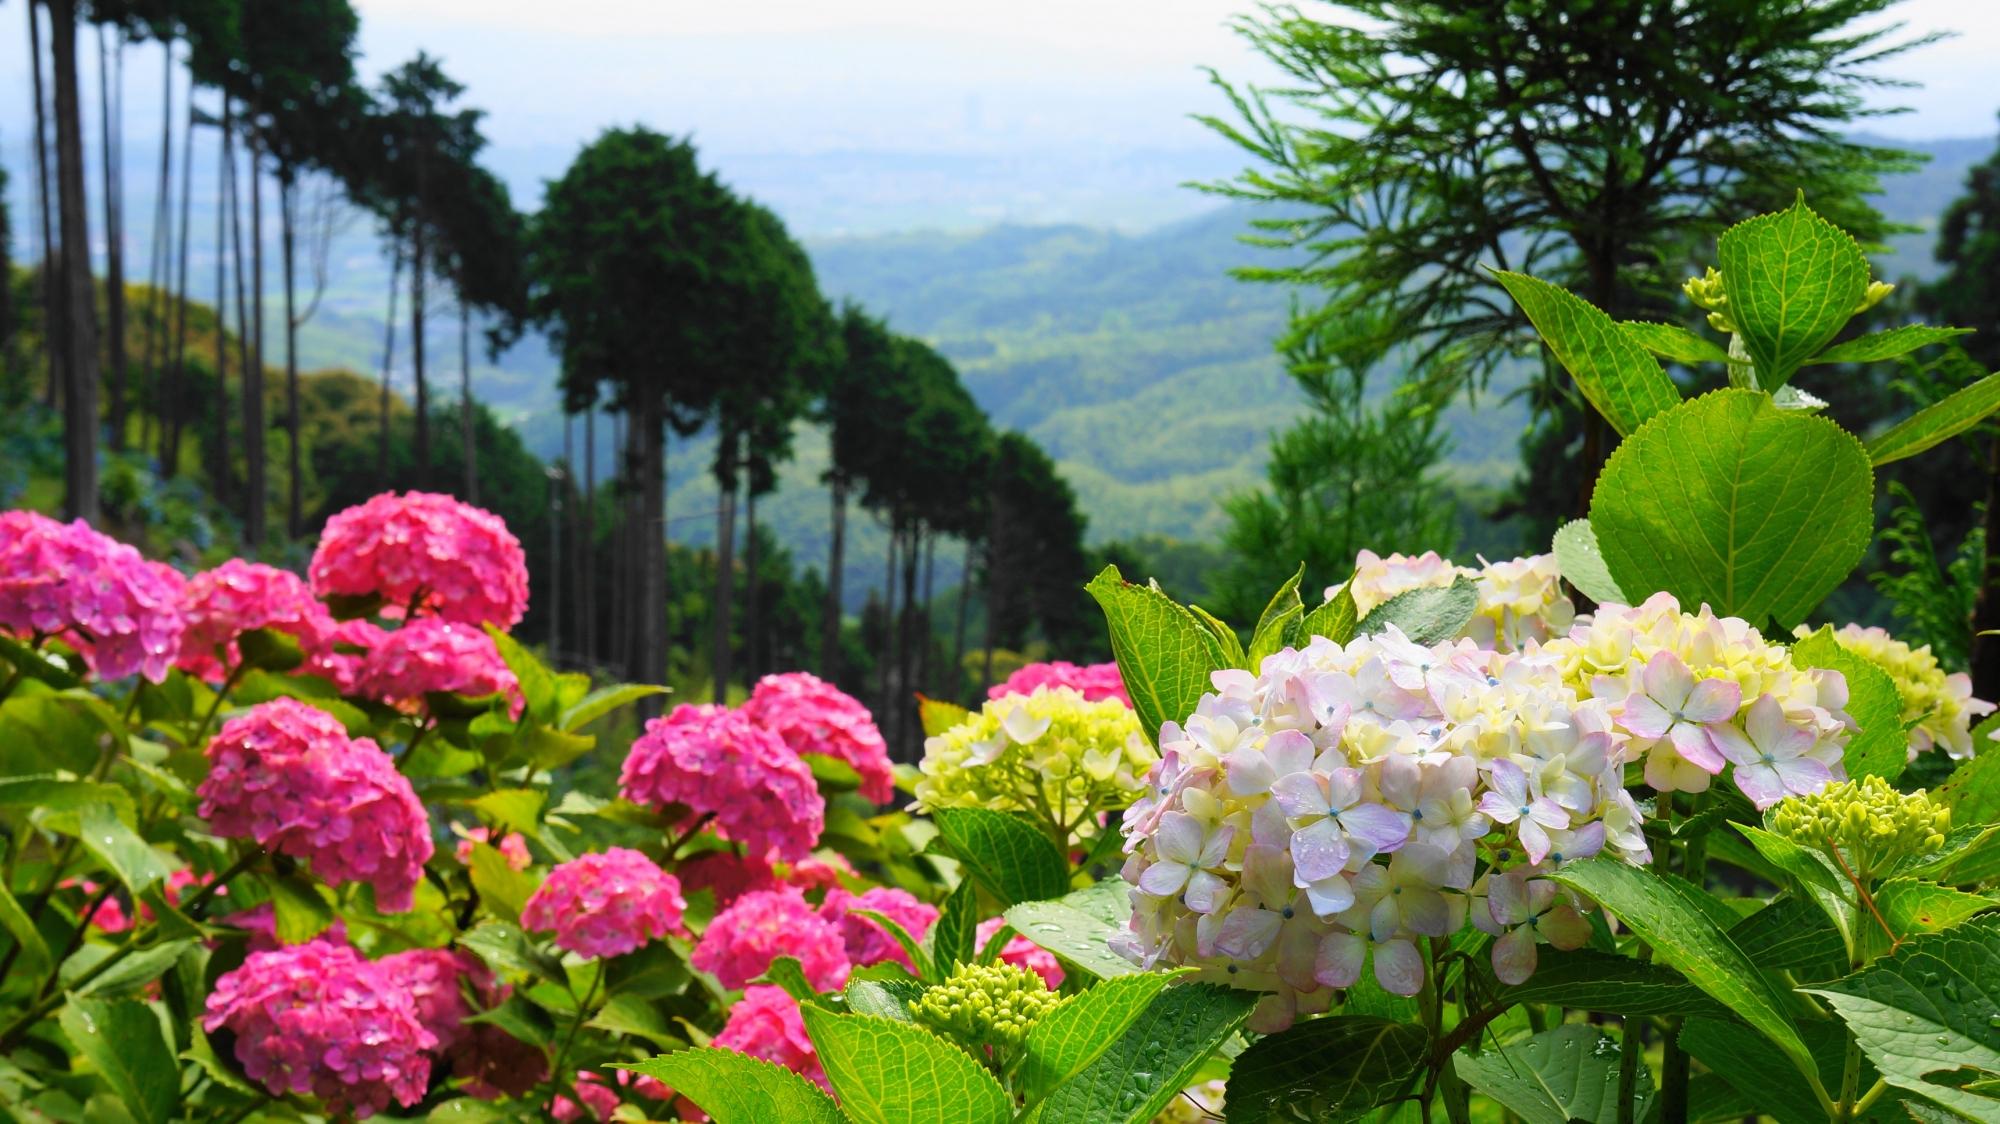 善峯寺の山寺ならではの爽快な紫陽花の風景